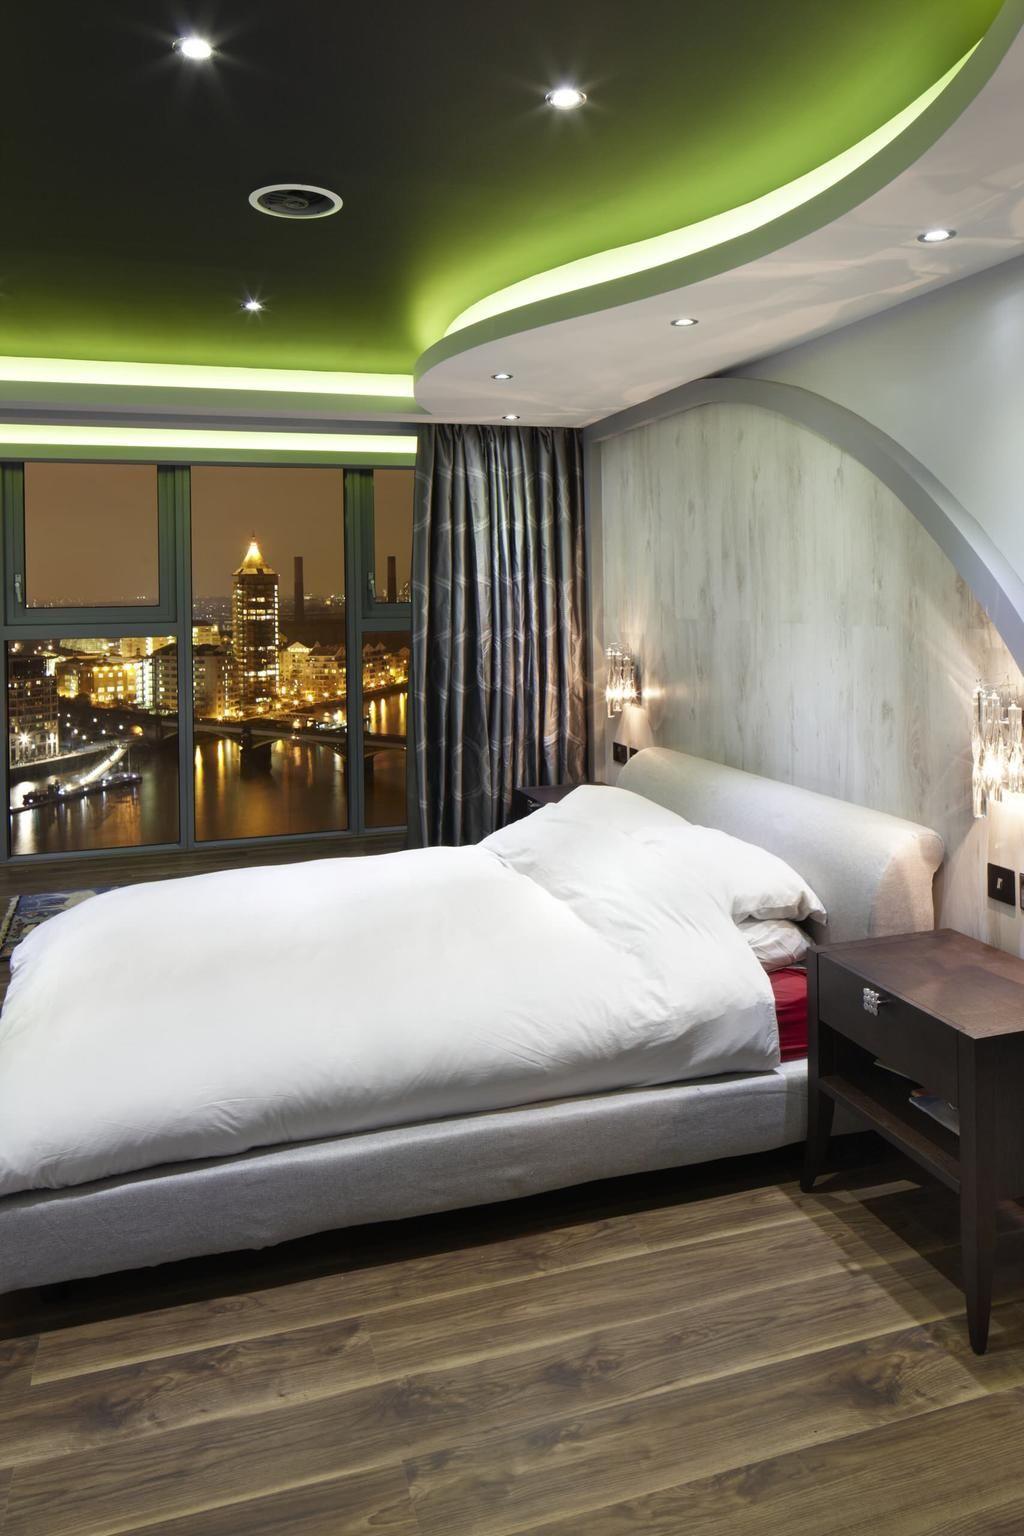 Changer l'ambiance d'une pièce avec des plafonds à deux niveaux est beaucoup plus facile.